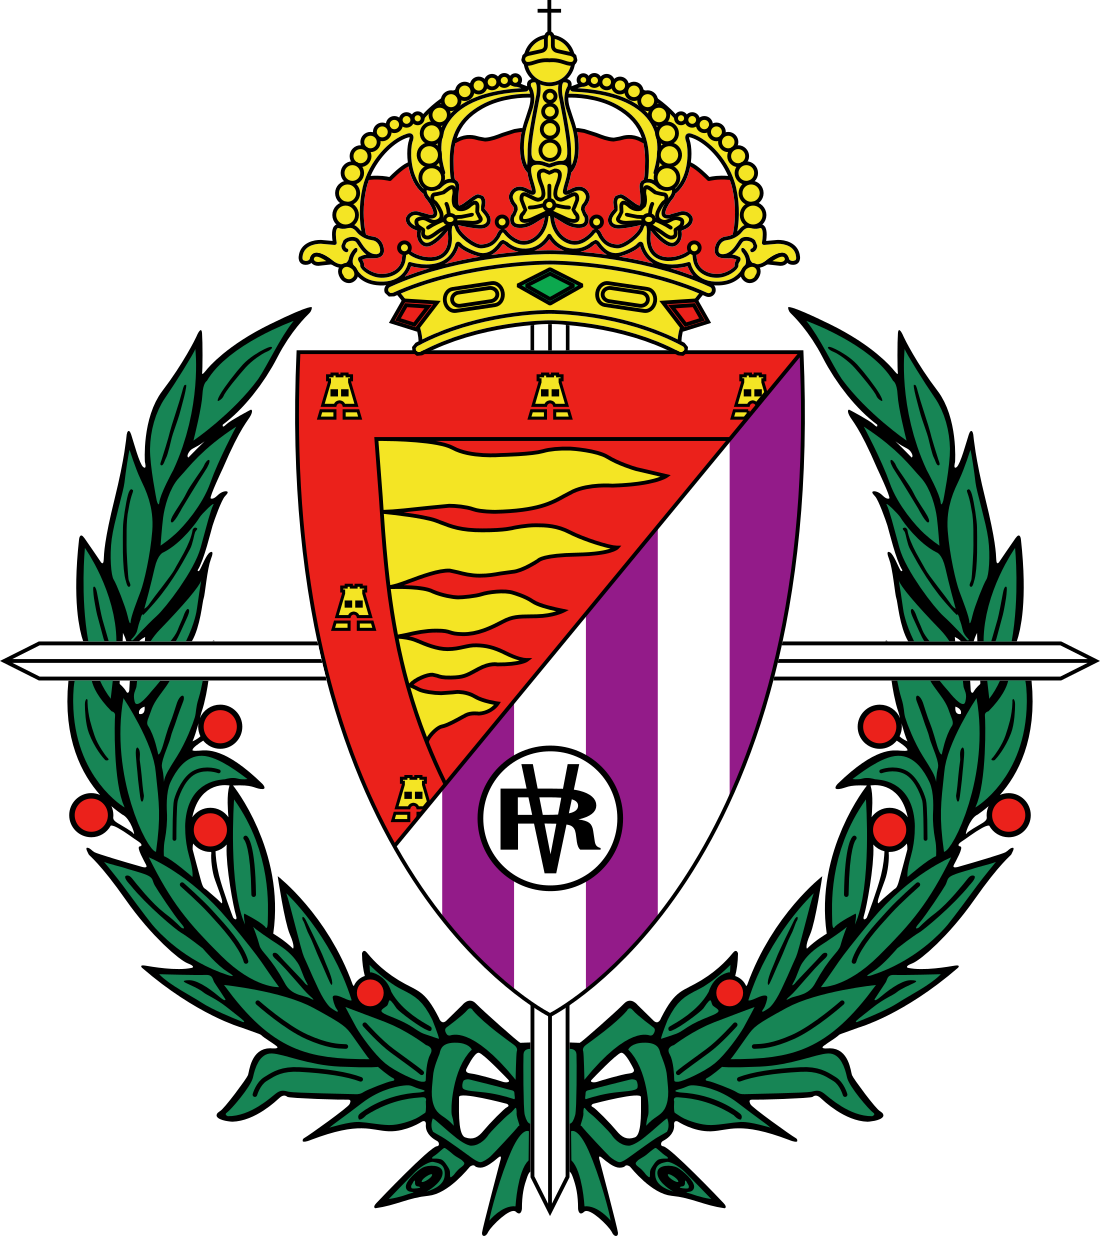 real valladolid logo escudo 3 - Real Valladolid Logo - Real Valladolid Club de Fútbol Escud